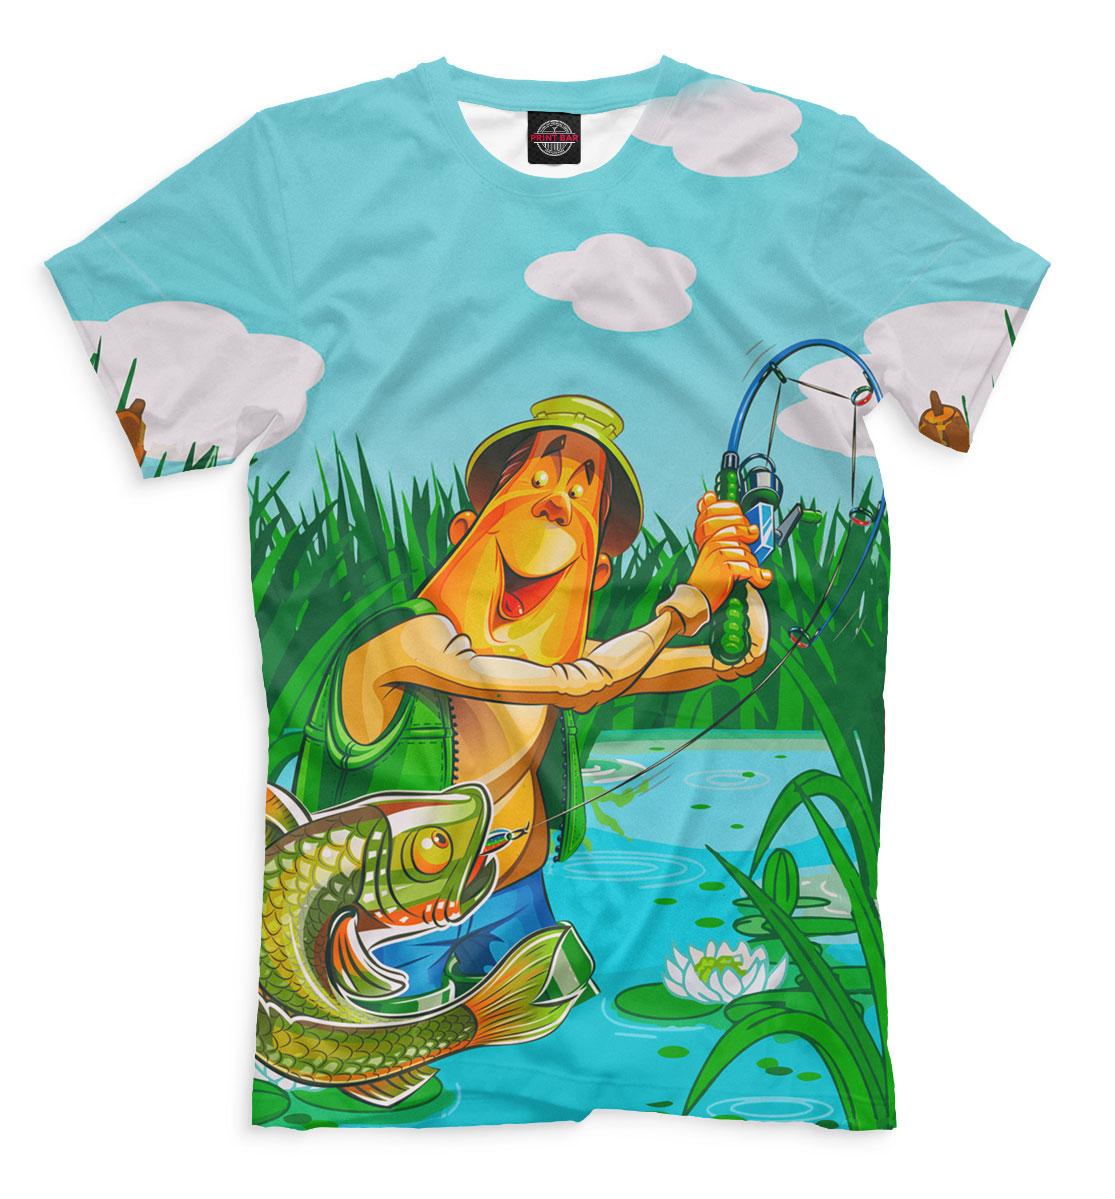 Поздравлялки, картинки про рыбака на футболку